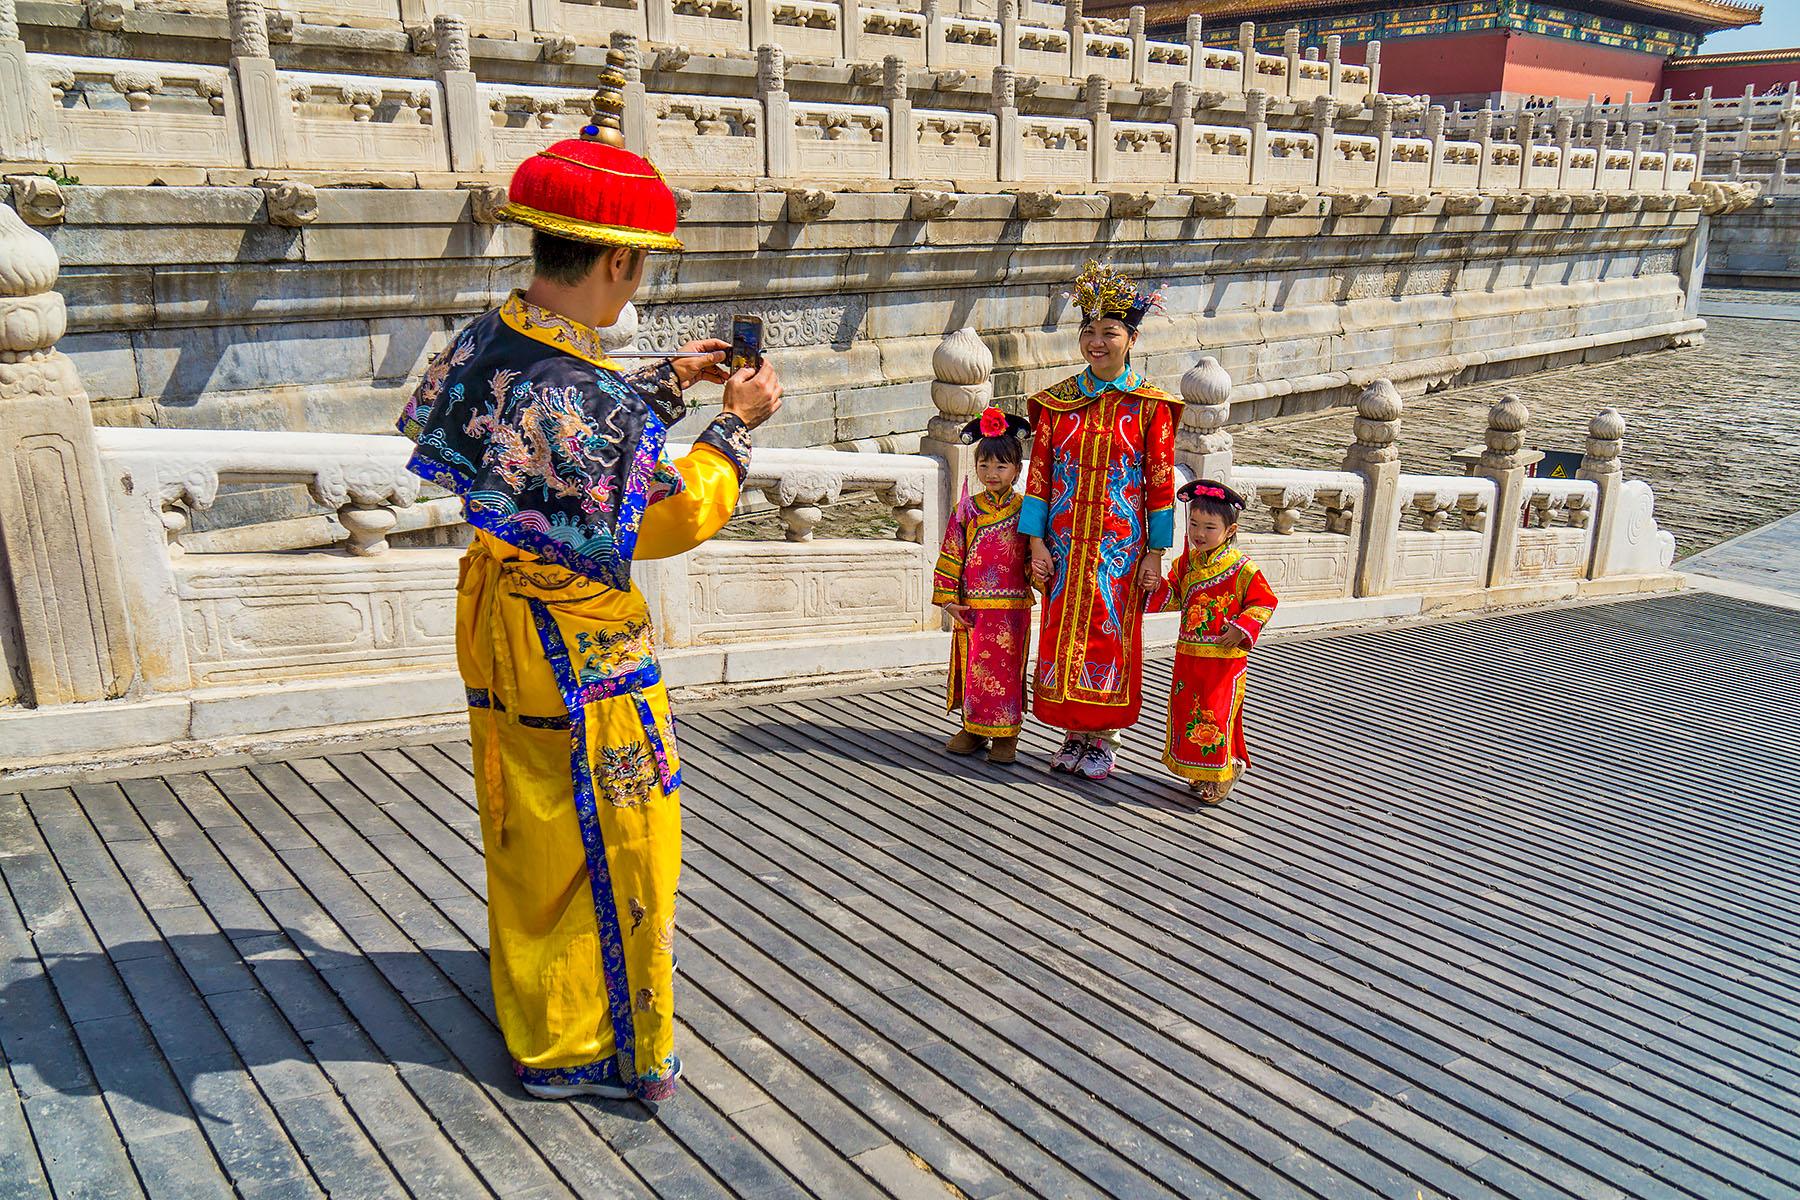 Carlos_Esguerra_Inside Forbidden City-0077.jpg